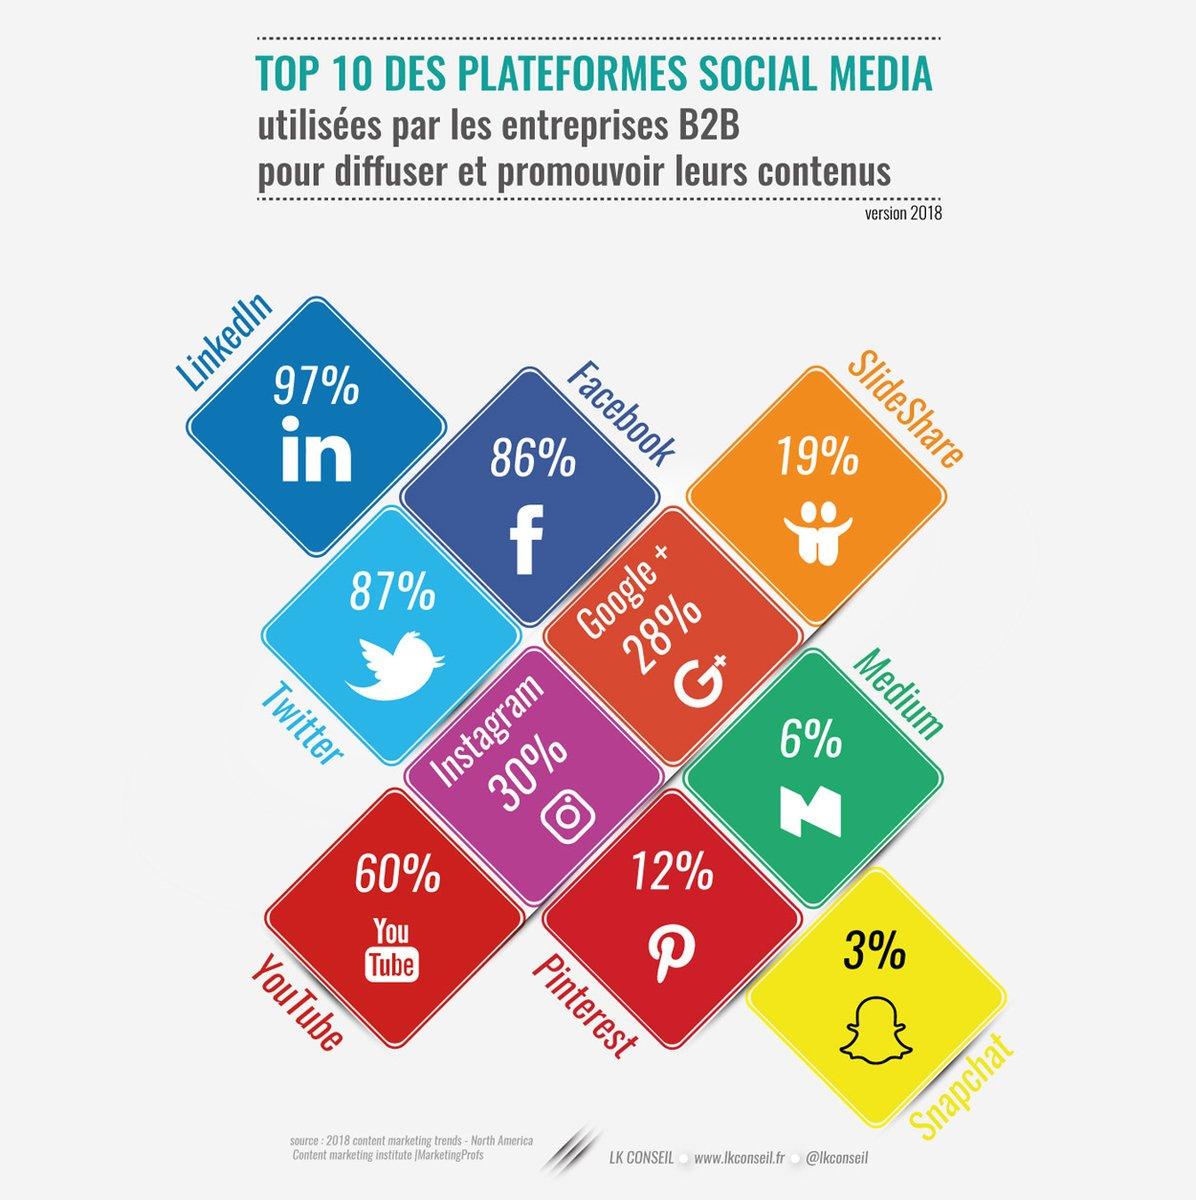 top 10 des reseaux sociaux utilises en B2B